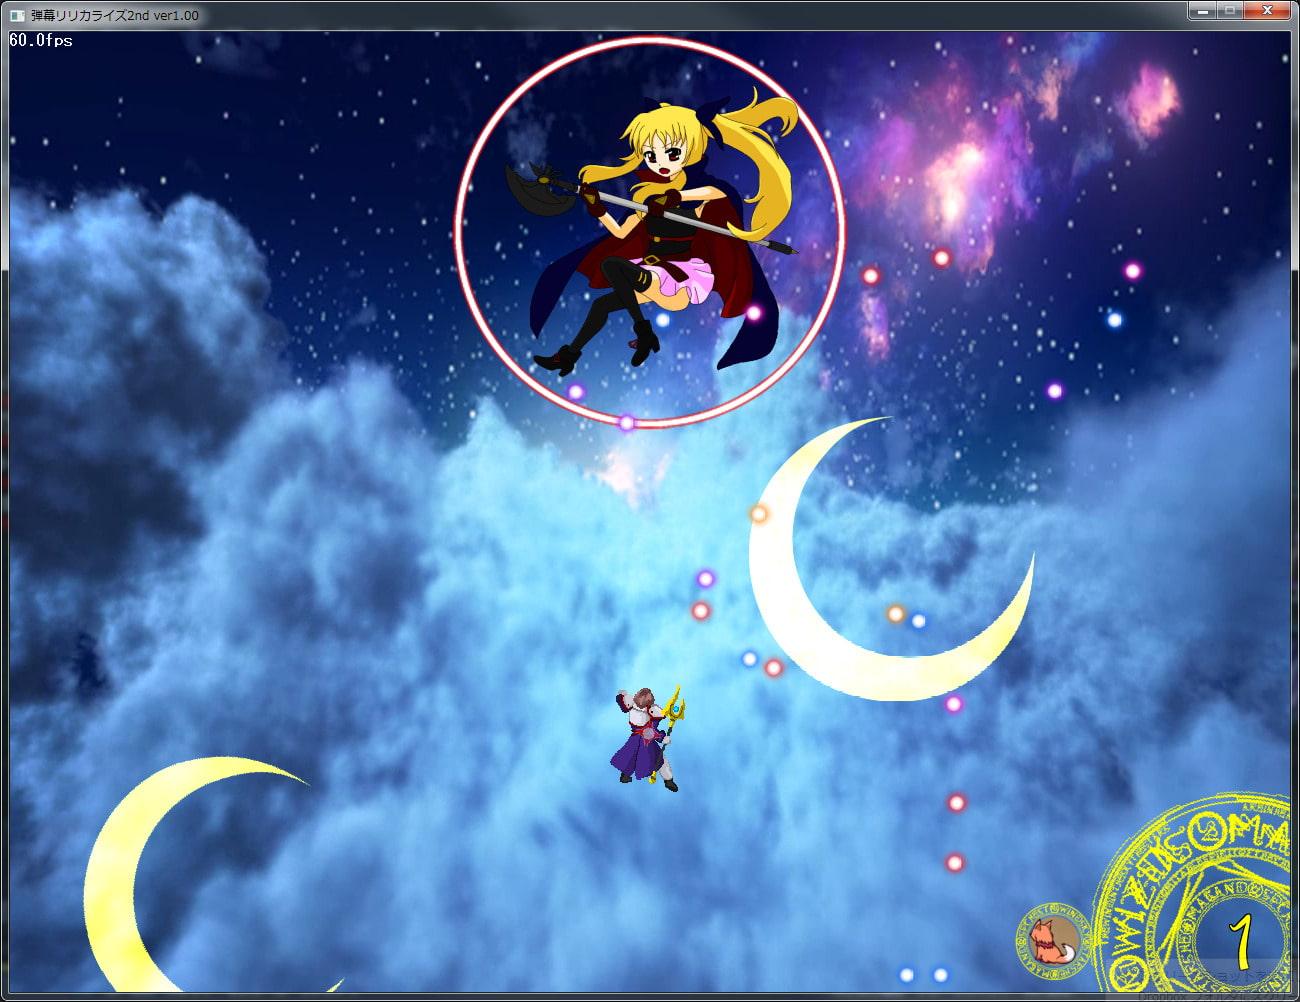 弾幕リリカライズ2nd (幼聖信仰) DLsite提供:同人ゲーム – シューティング